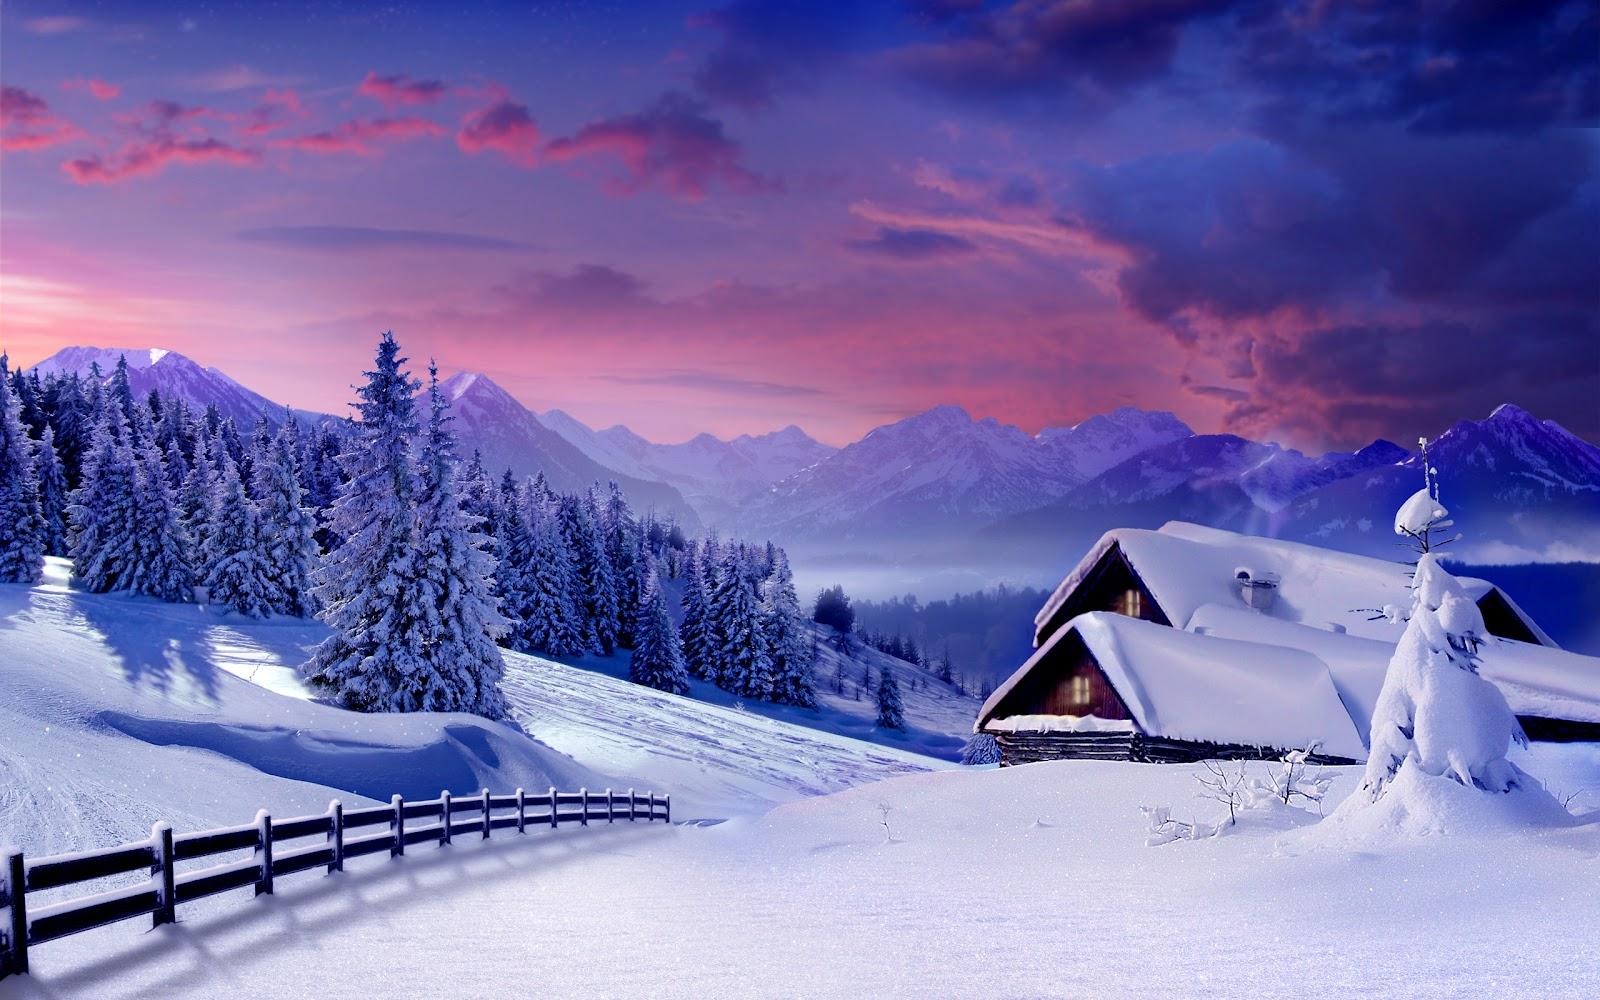 43 Beautiful Winter Wallpapers   Wallpapers for dekstop 1600x1000